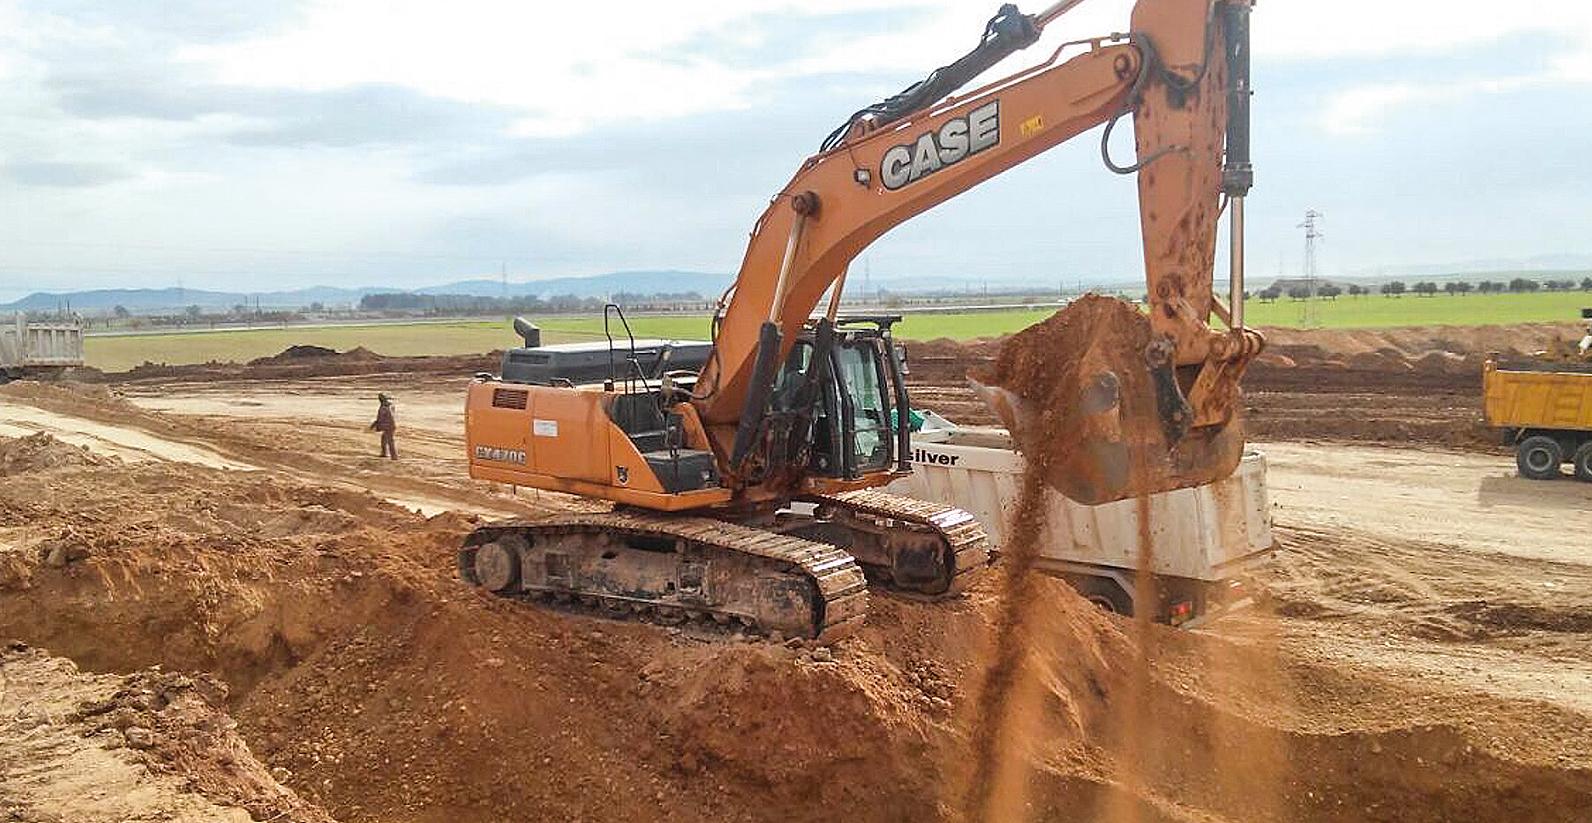 Lavori di scavo e movimento terra. Cantiere Pitesti (Romania)